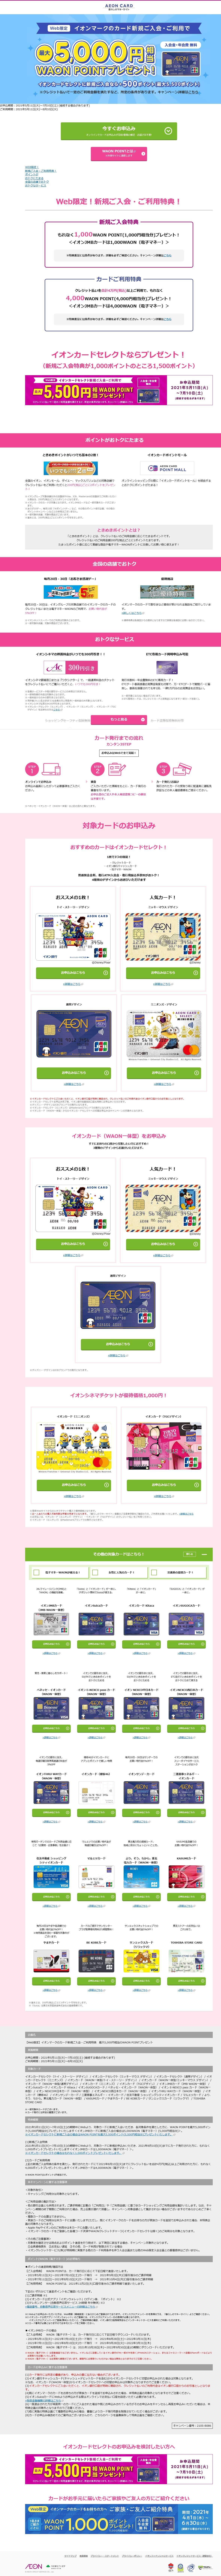 イオンカード、2021年5月11日(火)~7月10日(土)までの入会キャンペーンページのキャプチャー画像